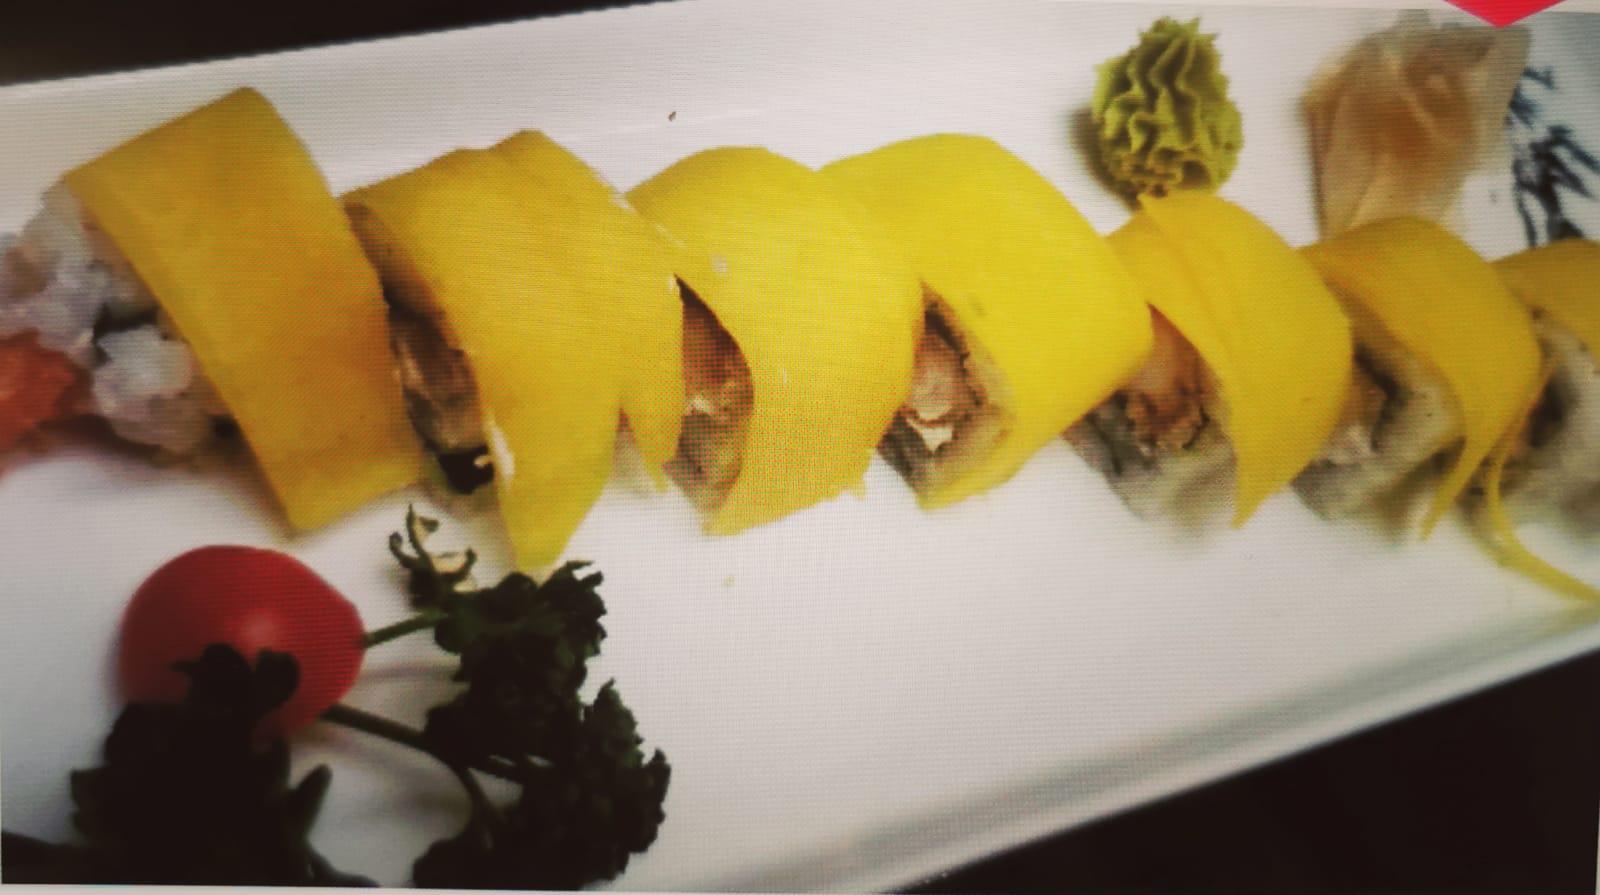 109. Mango Roll